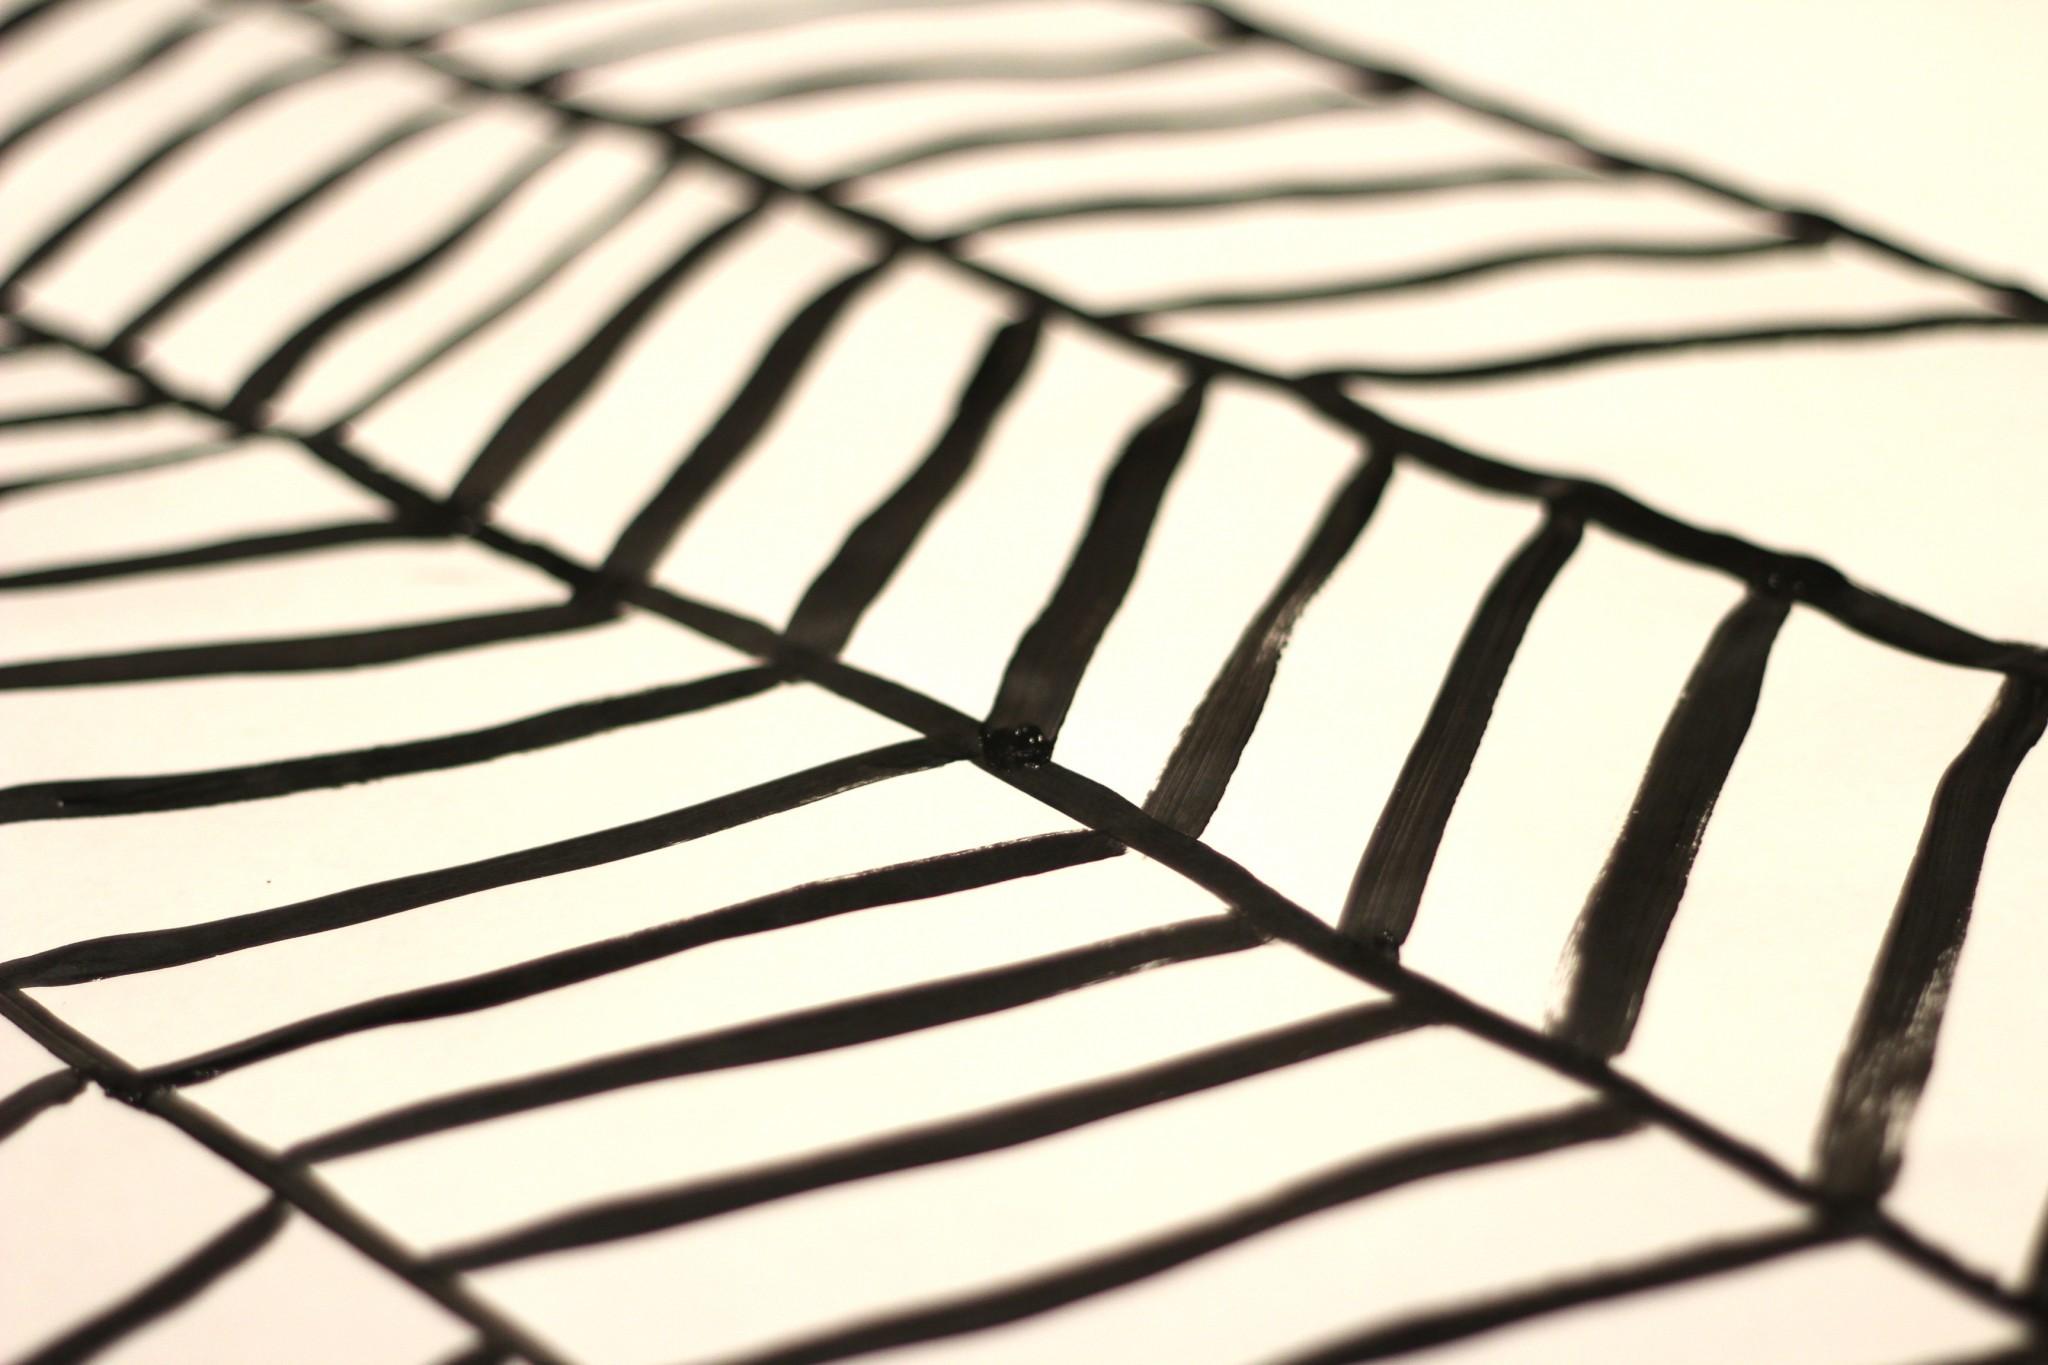 papel de regalo doodle